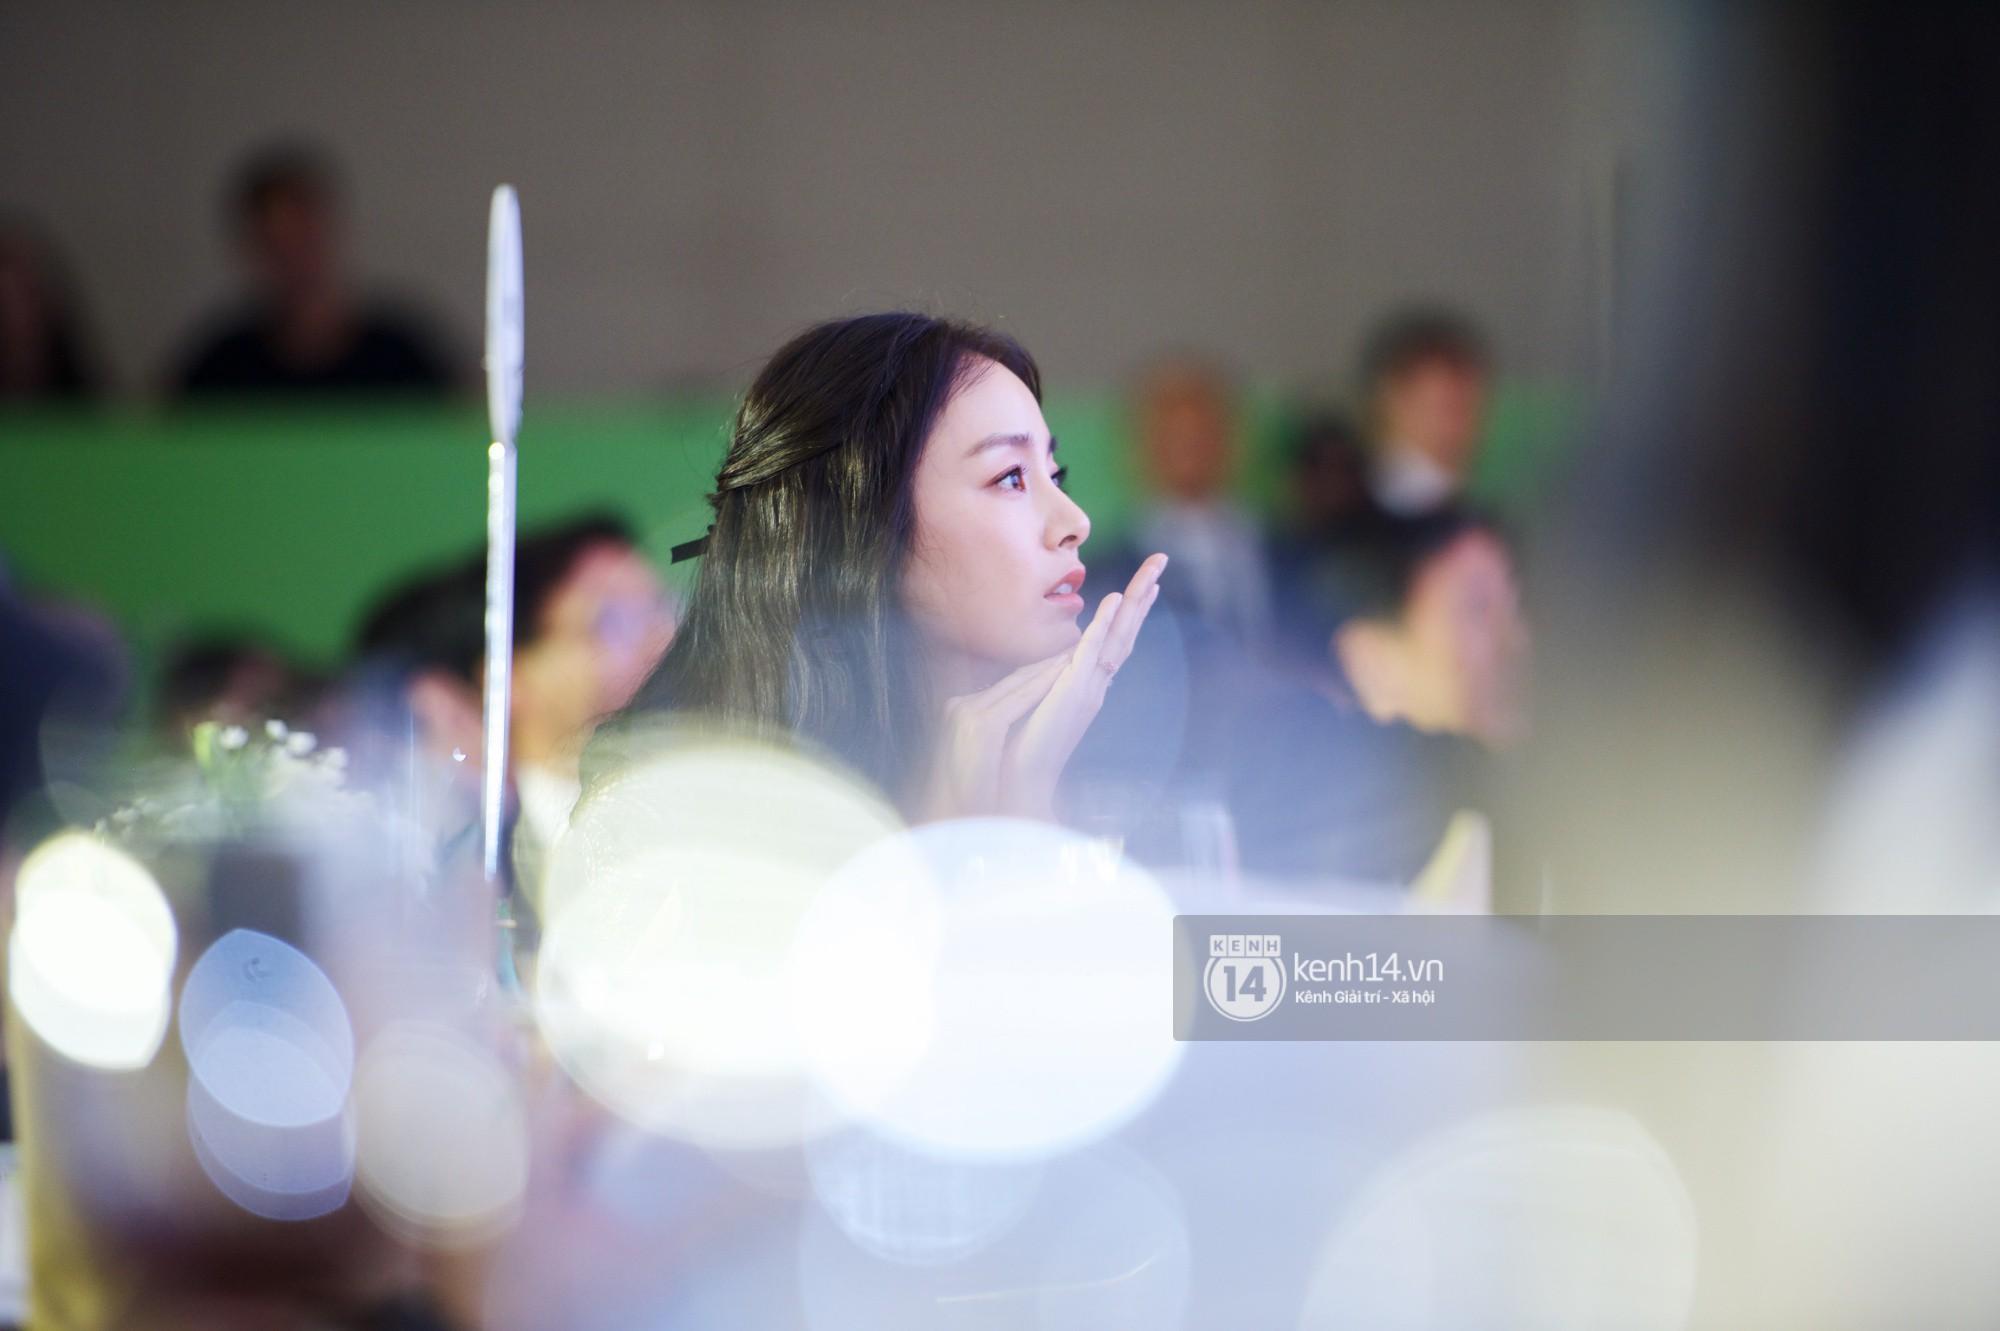 Bộ ảnh đẹp nhất của Kim Tae Hee tại đêm tiệc Hàn ở Hà Nội: Khoảnh khắc minh tinh châu Á hút hồn toàn bộ khán phòng-1